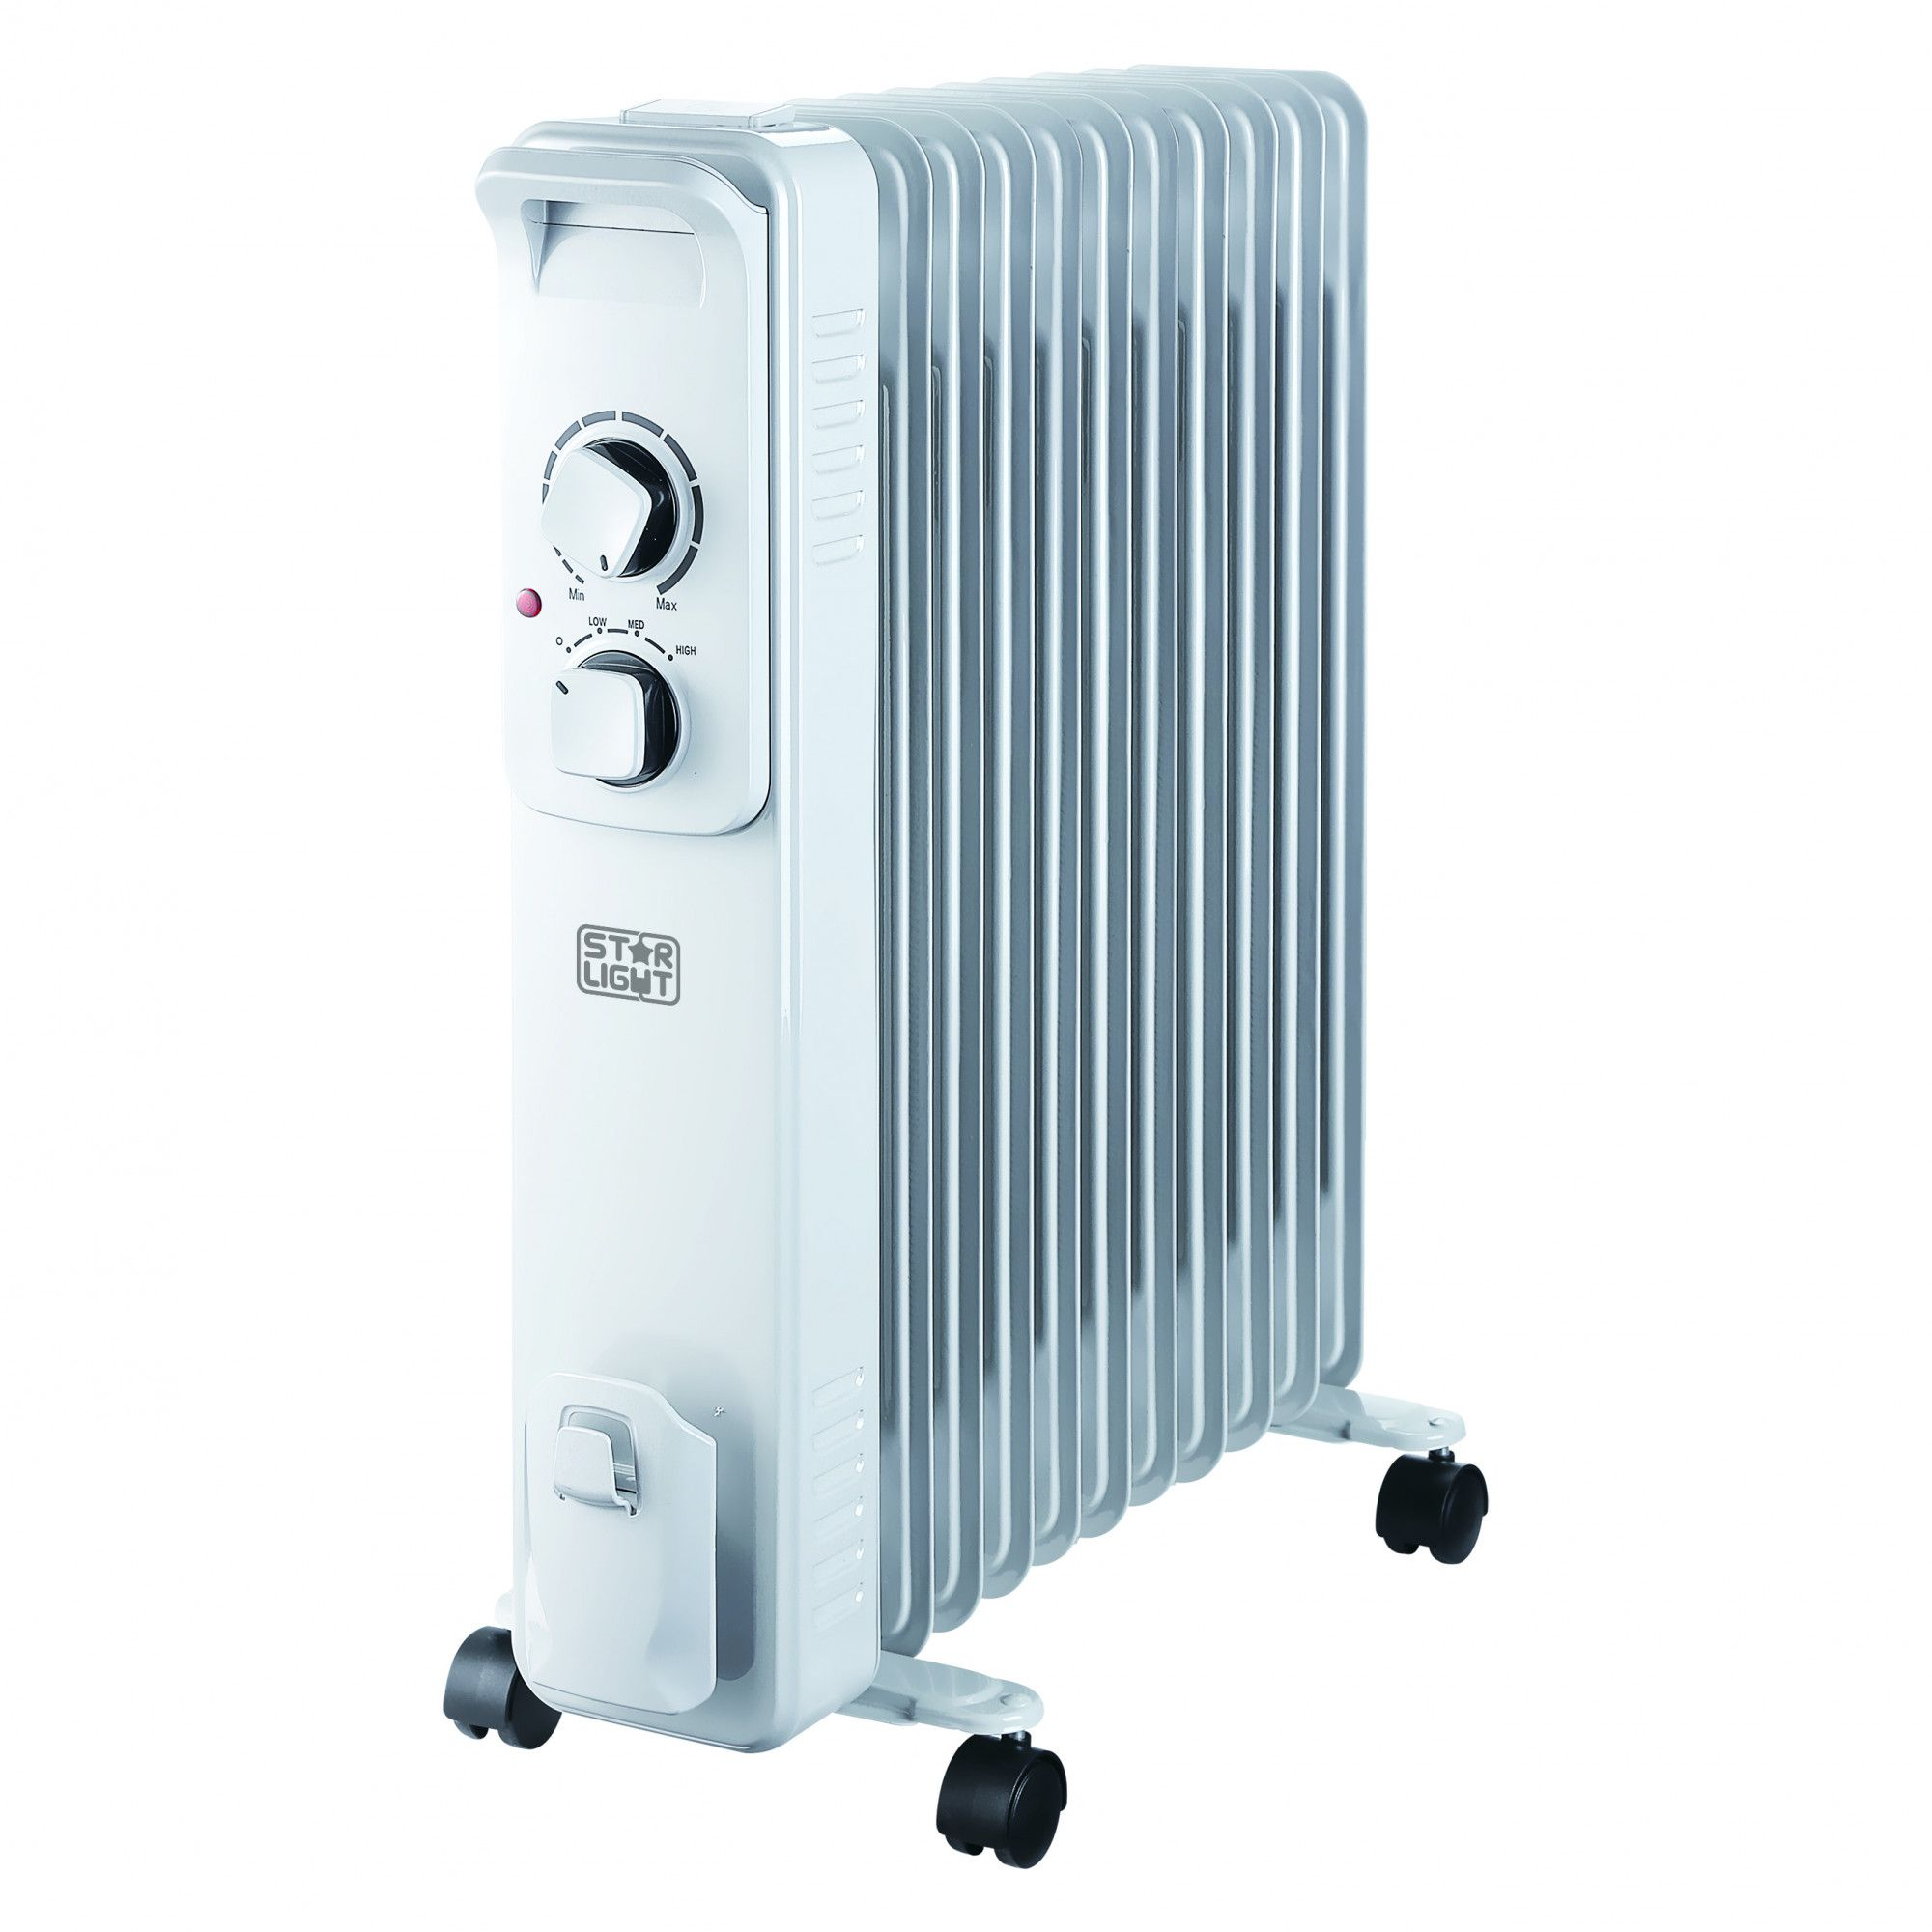 Електрически радиатор Star-Light YOH9S, 2000W, 9 елемента, 3 степени на мощност, Регулируем термостат, Защита от прегряване, Бял